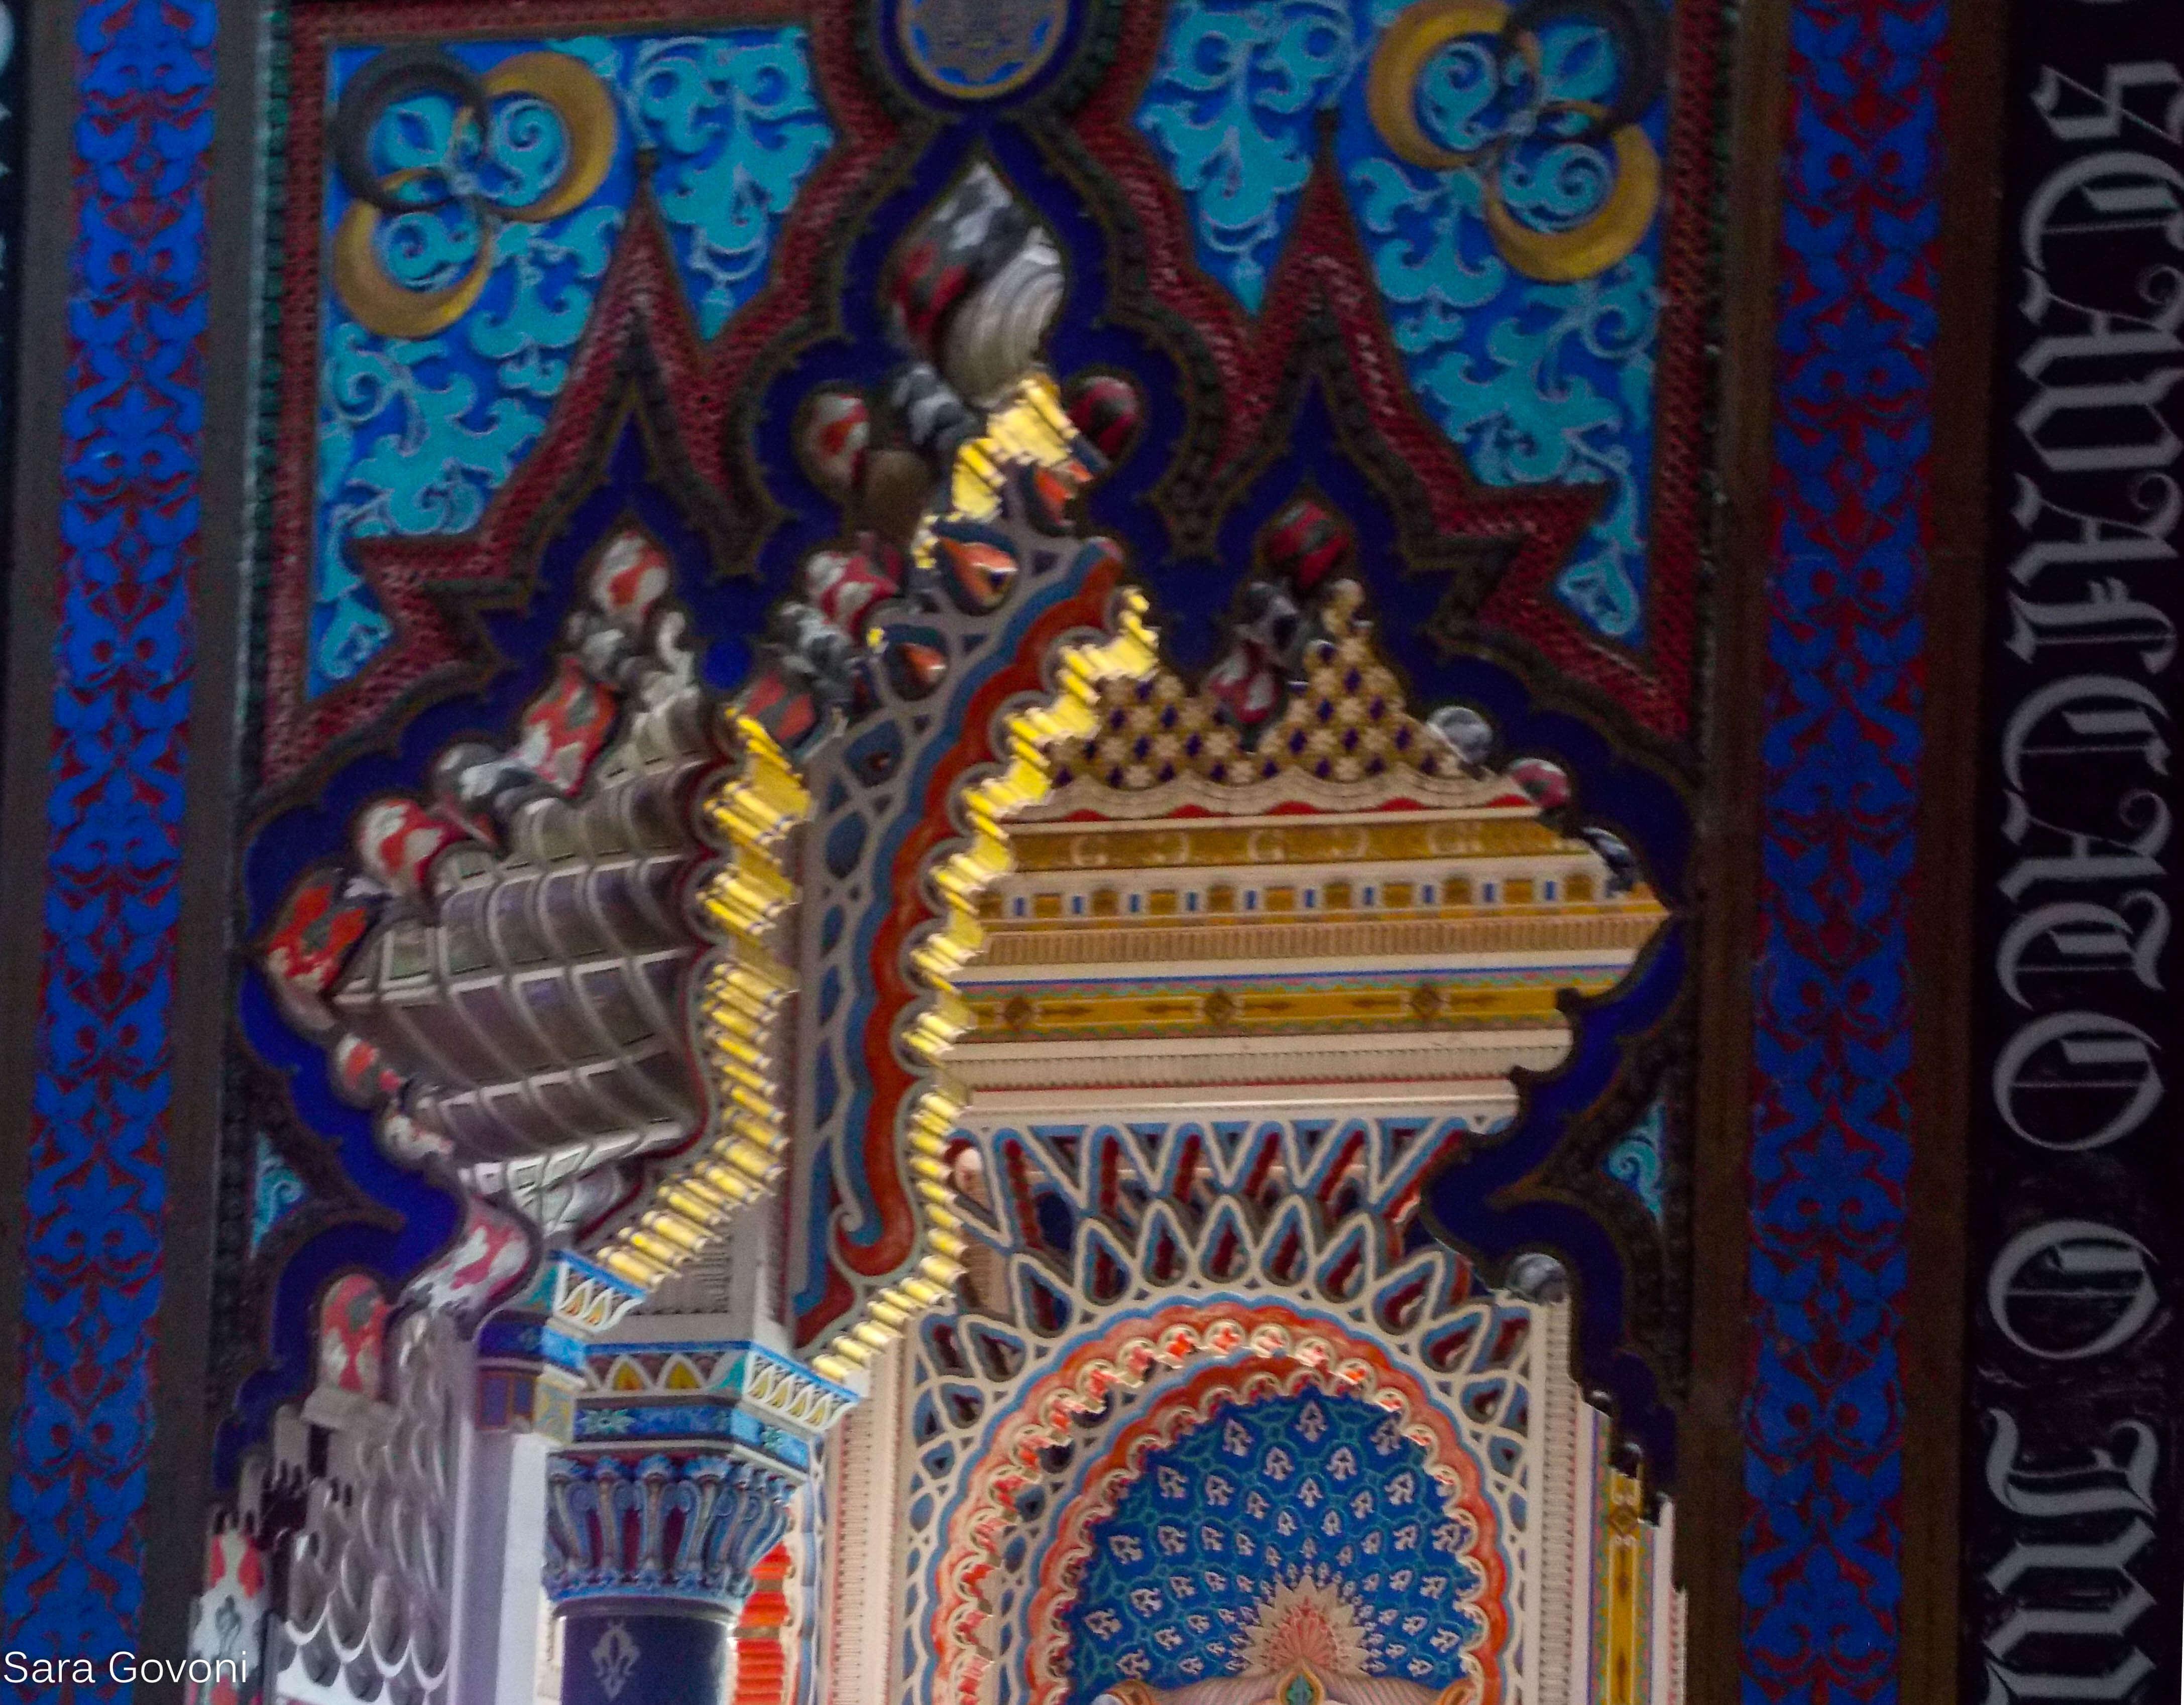 Visitare il castello di Sammezzano: dettaglio della prima sala